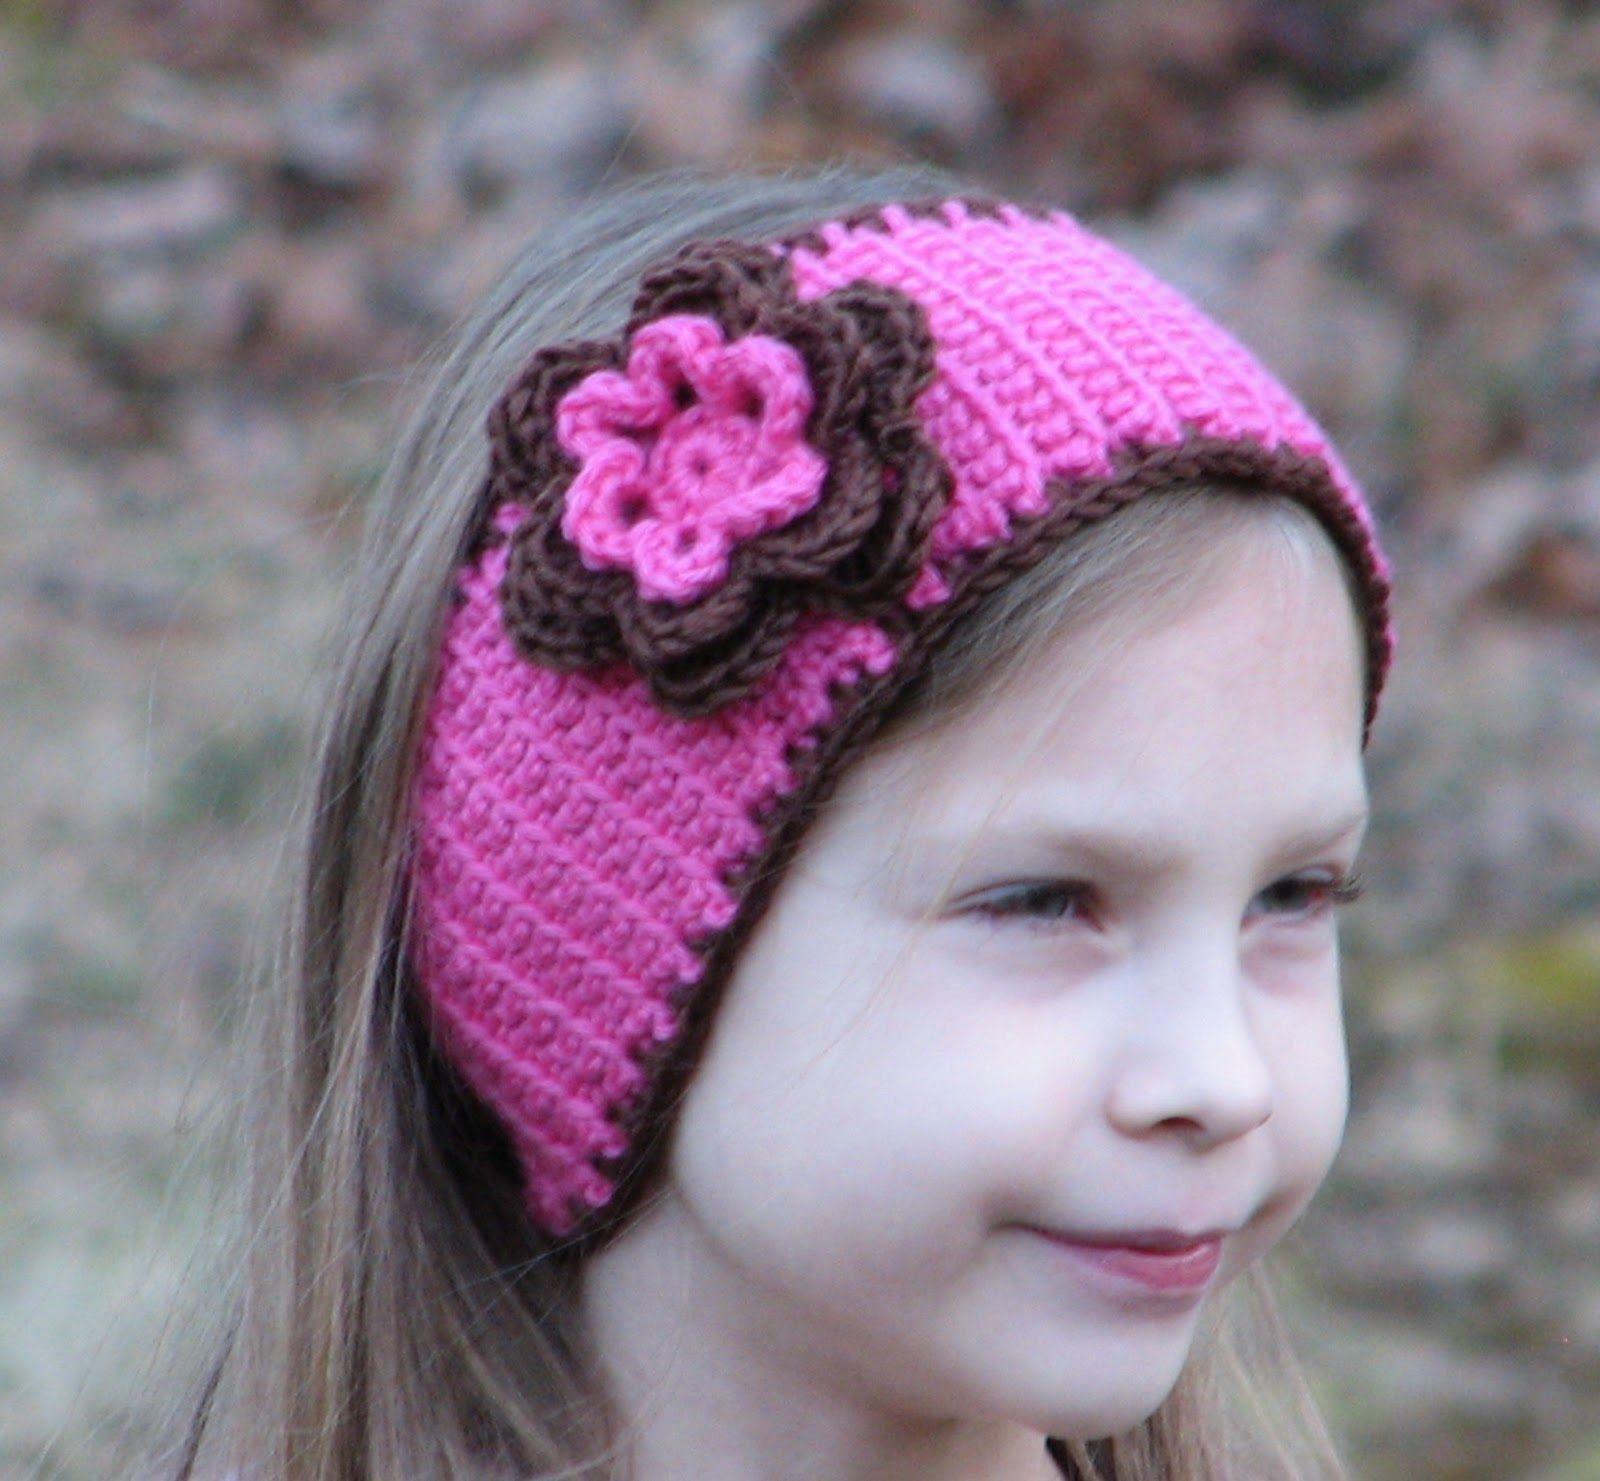 Easy crochet head wrap patterns girls headwrap crochet pattern easy crochet head wrap patterns girls headwrap crochet pattern ambassador crochet dt1010fo